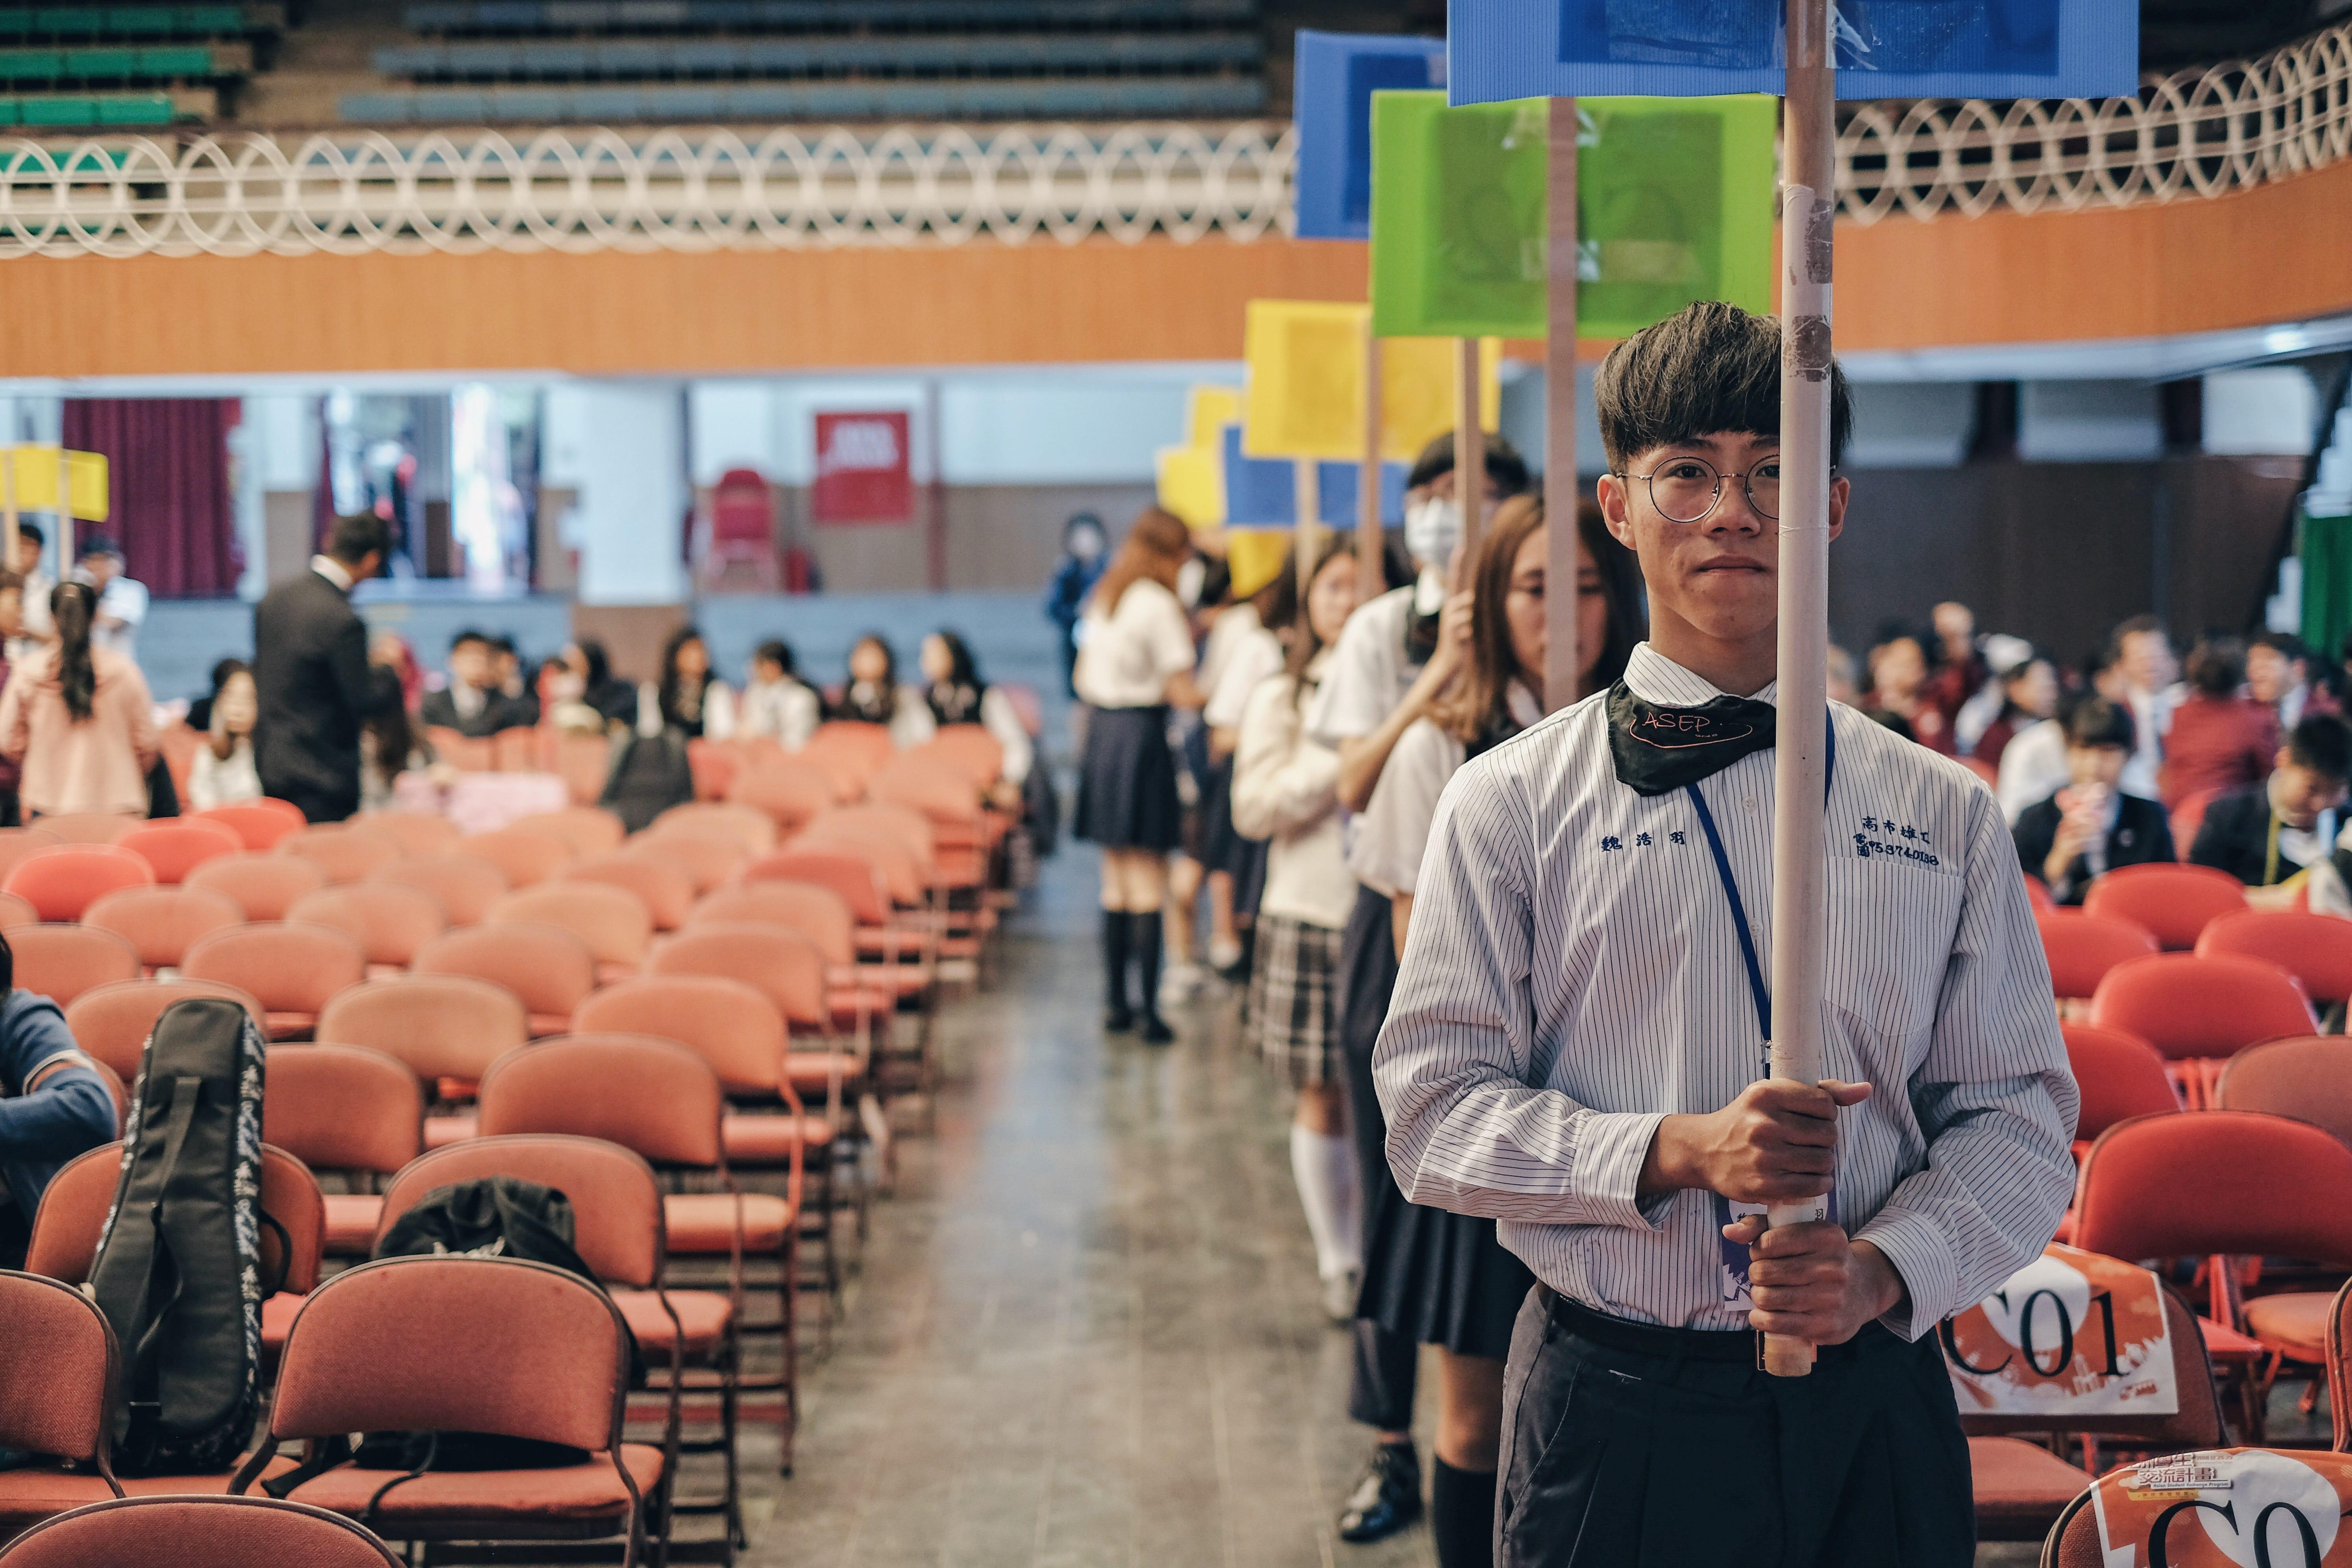 国際理解Gコースのみんなと来た台湾を写真で振り返る【高雄編】#旅とFUJI